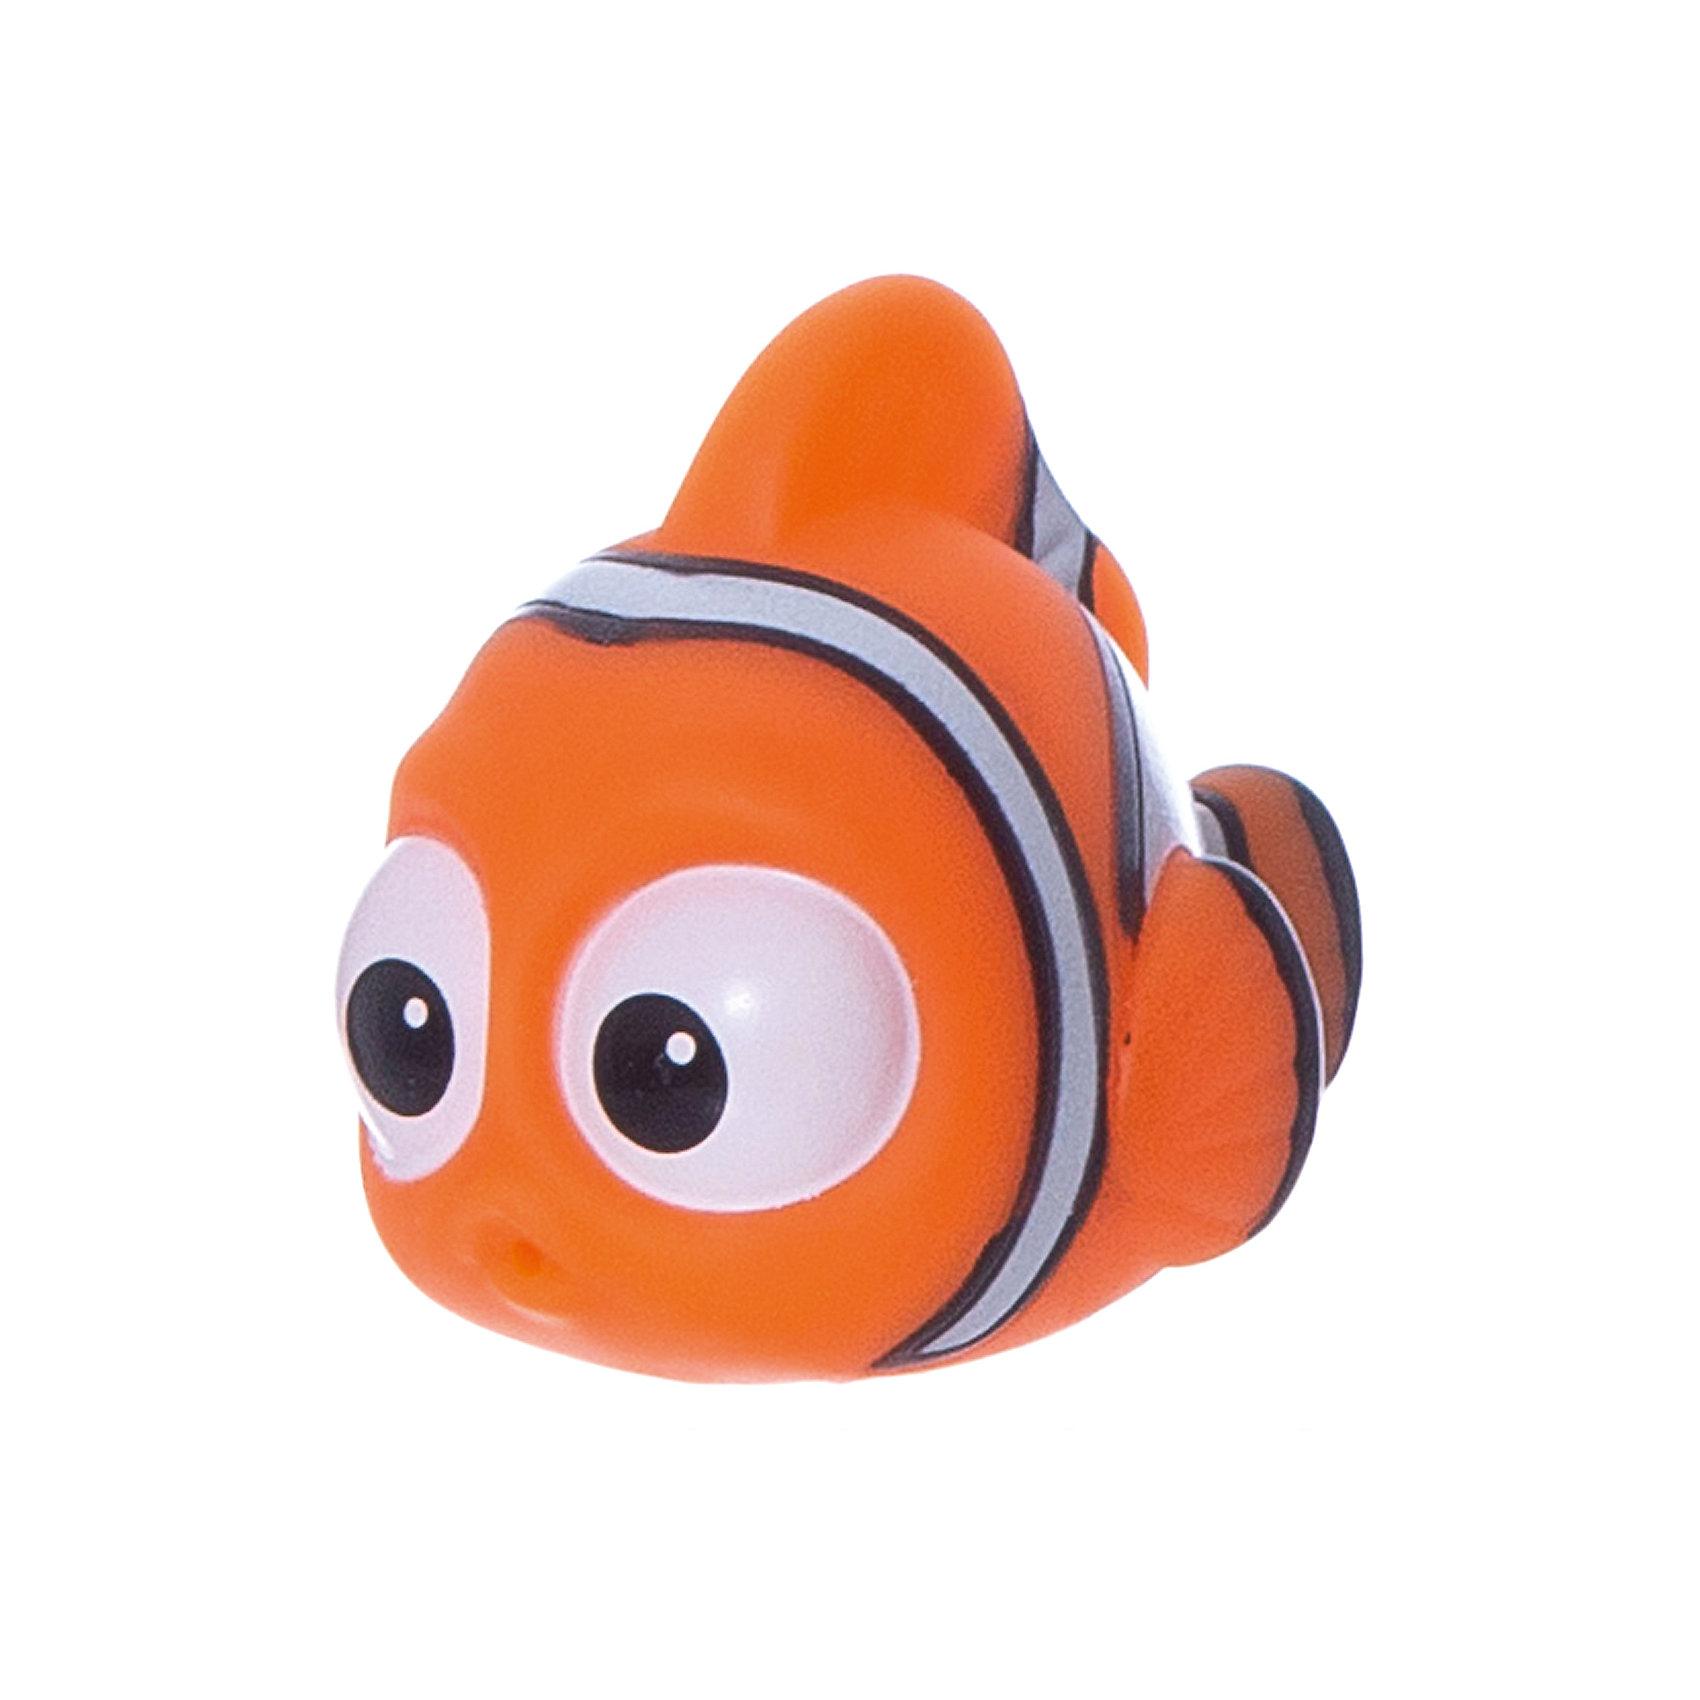 Подводный обитатель-брызгалка Марлин, 7-10см, В поисках ДориВ поисках Дори<br>Подводный обитатель-брызгалка Марлин, 7-10см, В поисках Дори<br><br>Характеристики:<br><br>• Размер упаковки: 10х4х7 см<br>• Вес : 71 г.<br>• Цвет: голубой.<br><br>Подводный обитатель - забавная игрушка-брызгалка, с которой купание станет для ребенка веселой, увлекательной игрой! Набрав в рыбку воду, можно затем брызгать струей, нажав на нее. Отверстие располагается у рыбки во рту. Игрушка выполнена из мягкого материала, ее длина составляет от 7 до 10 см. Такая игрушкой сделает купание вашего малыша веселым и забавным.<br><br>Подводного обитателя - брызгалку Марлин, 7-10см, В поисках Дори, можно купить в нашем интернет – магазине.<br><br>Ширина мм: 100<br>Глубина мм: 70<br>Высота мм: 40<br>Вес г: 71<br>Возраст от месяцев: 36<br>Возраст до месяцев: 120<br>Пол: Унисекс<br>Возраст: Детский<br>SKU: 4849989